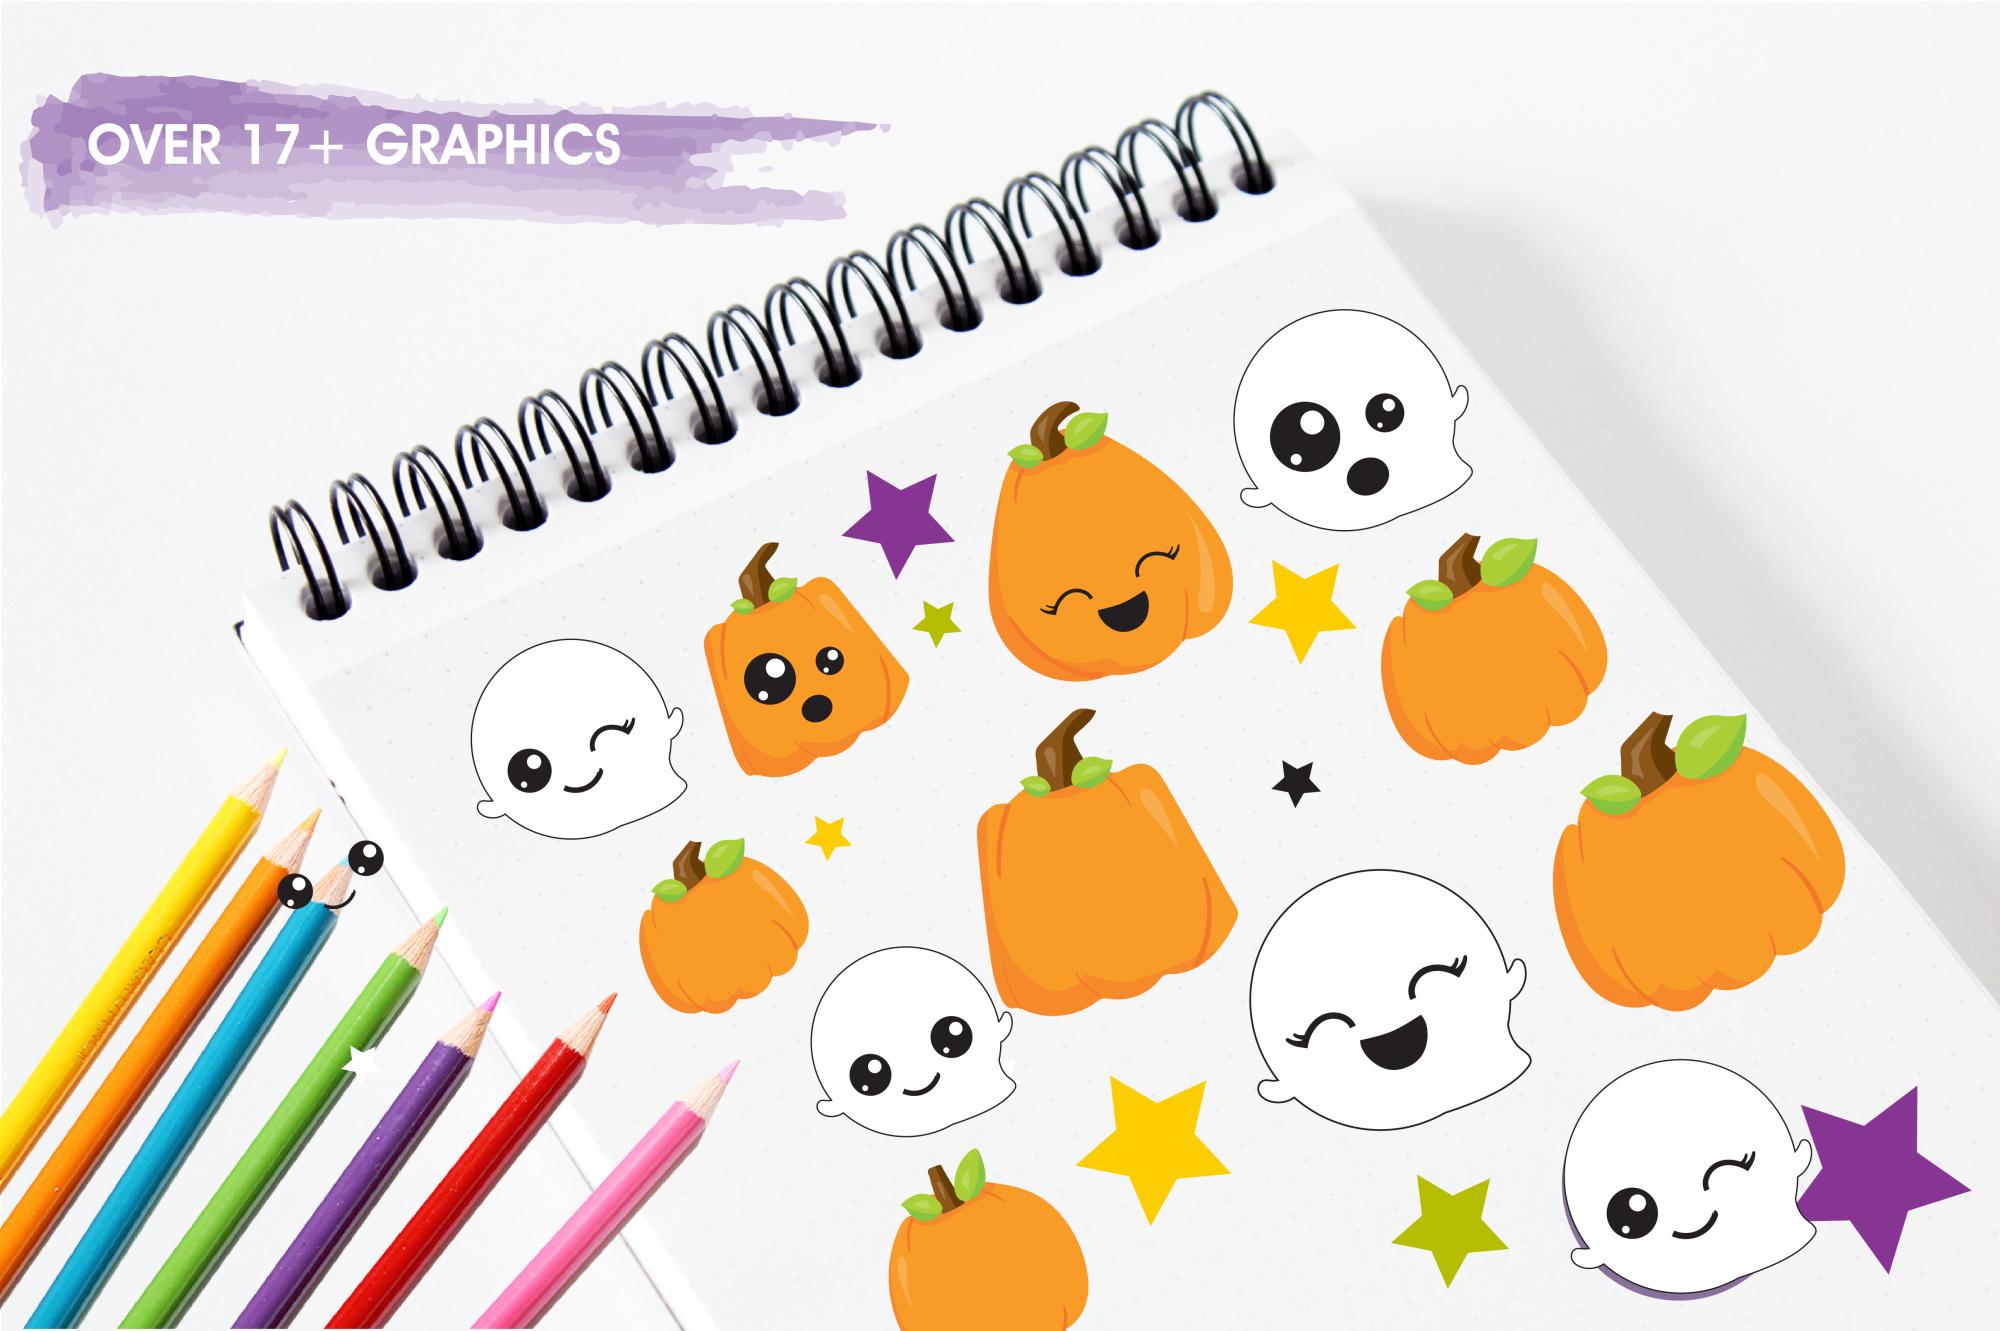 Halloween Kawaii graphics and illustrations